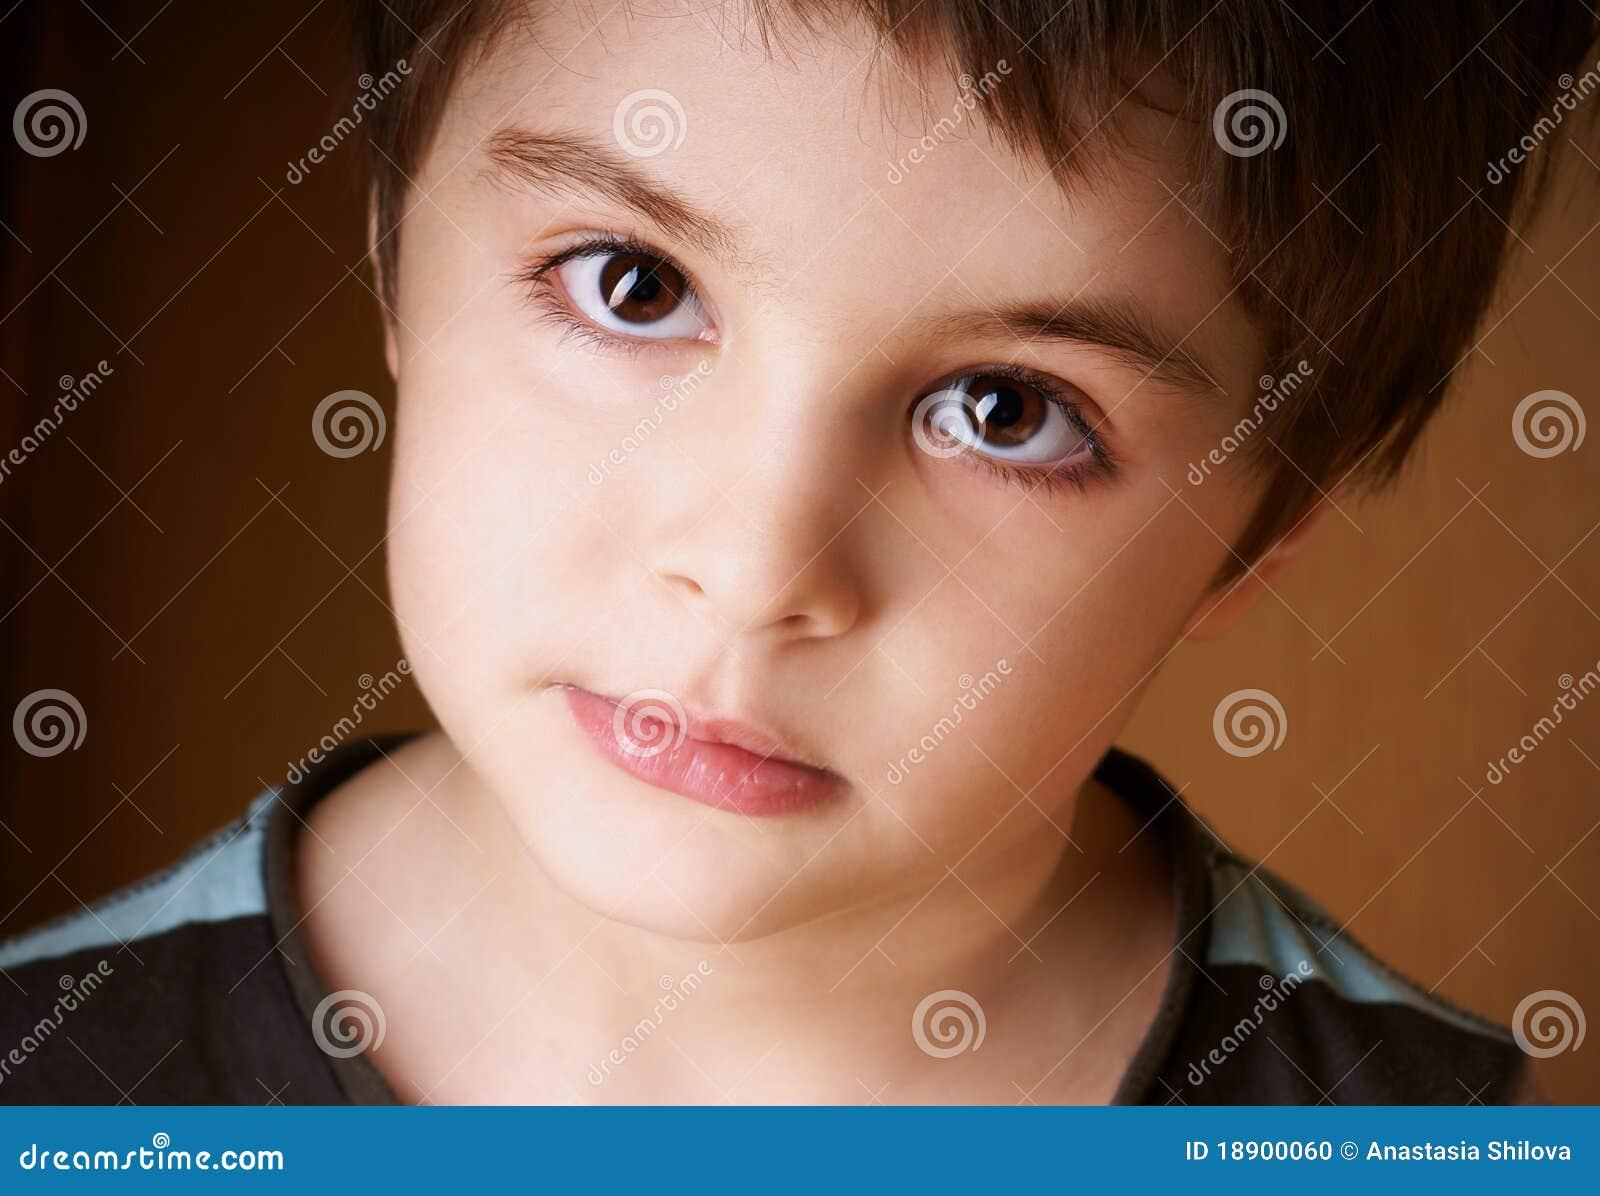 Child Stock Photo Image 18900060